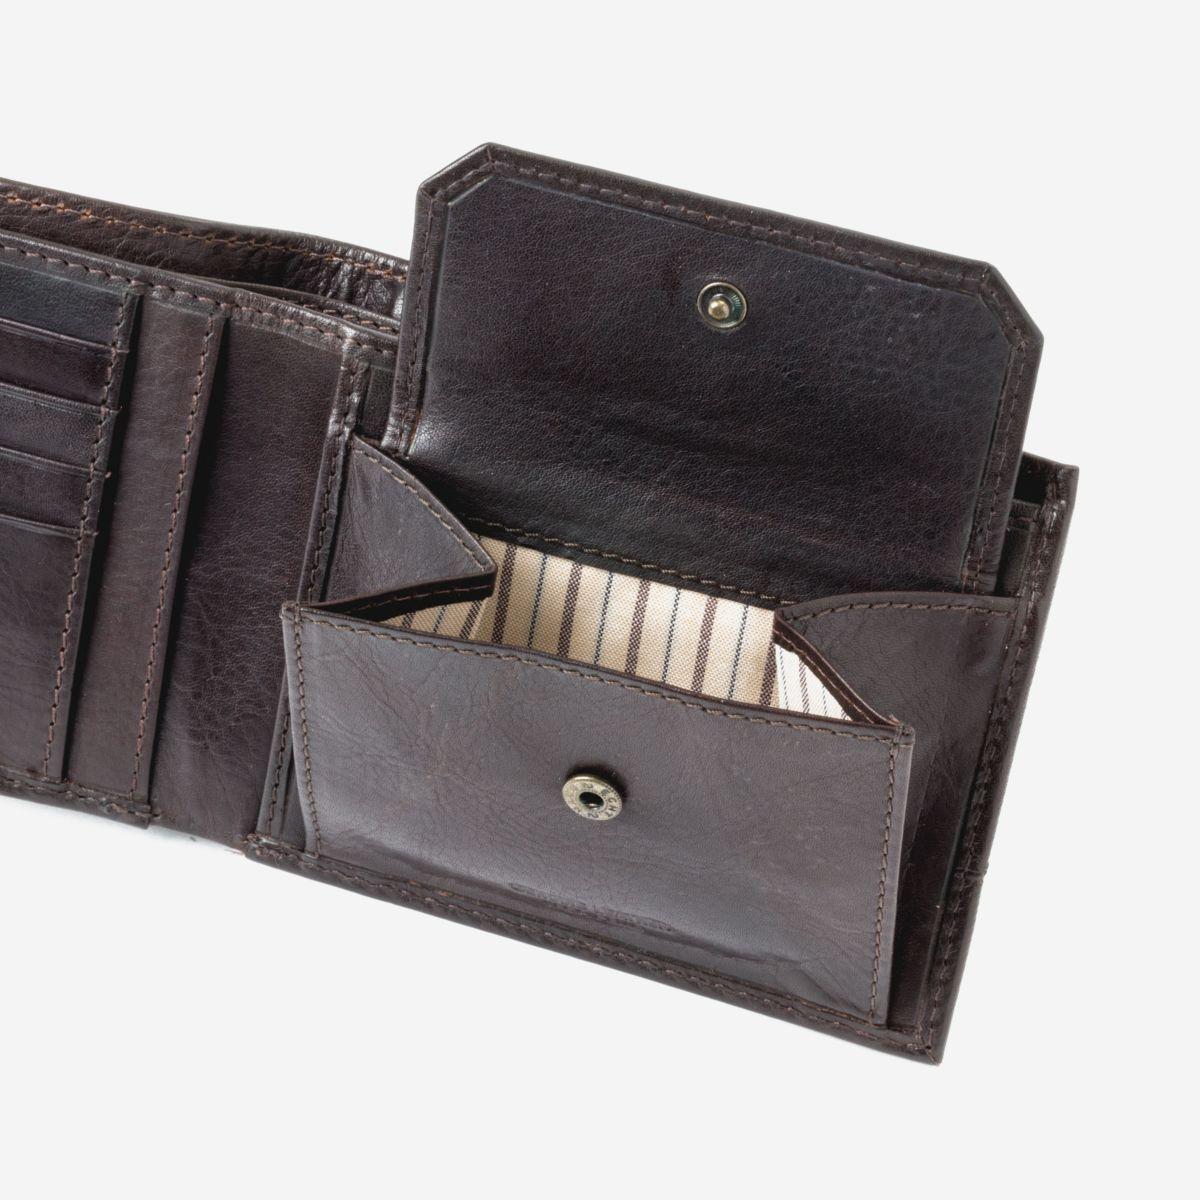 DuDu ארנק עור איכותי עם תא למטבעות - חום כהה